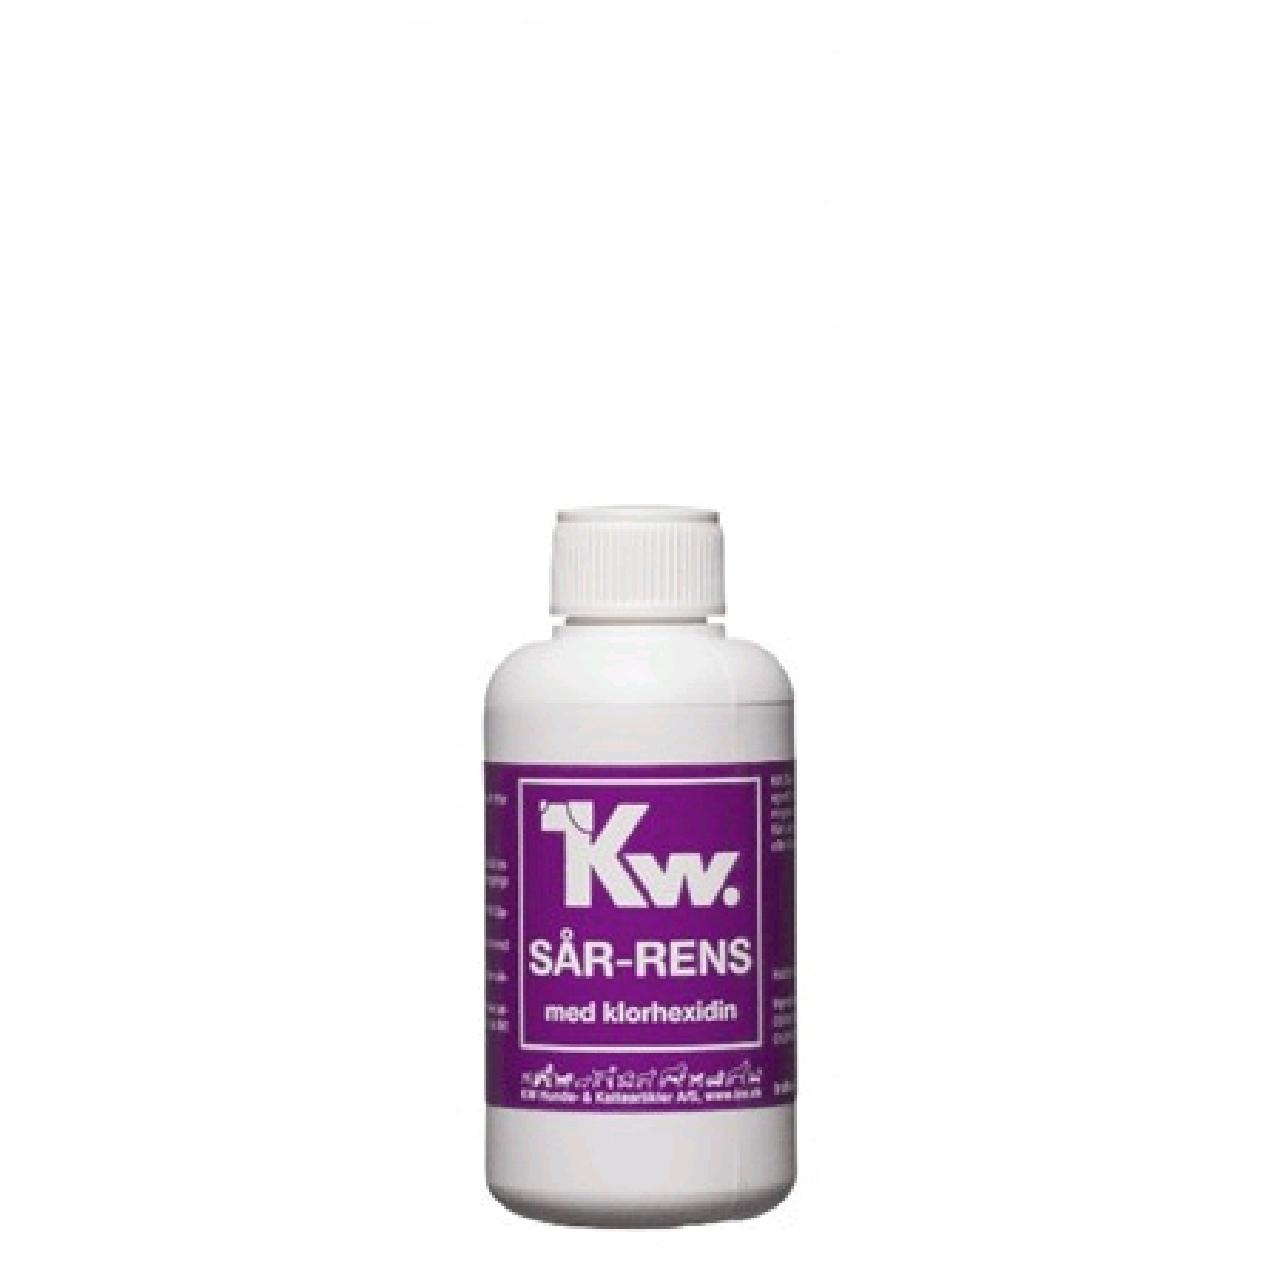 KW Sår-rens med klorhexidin 100ml